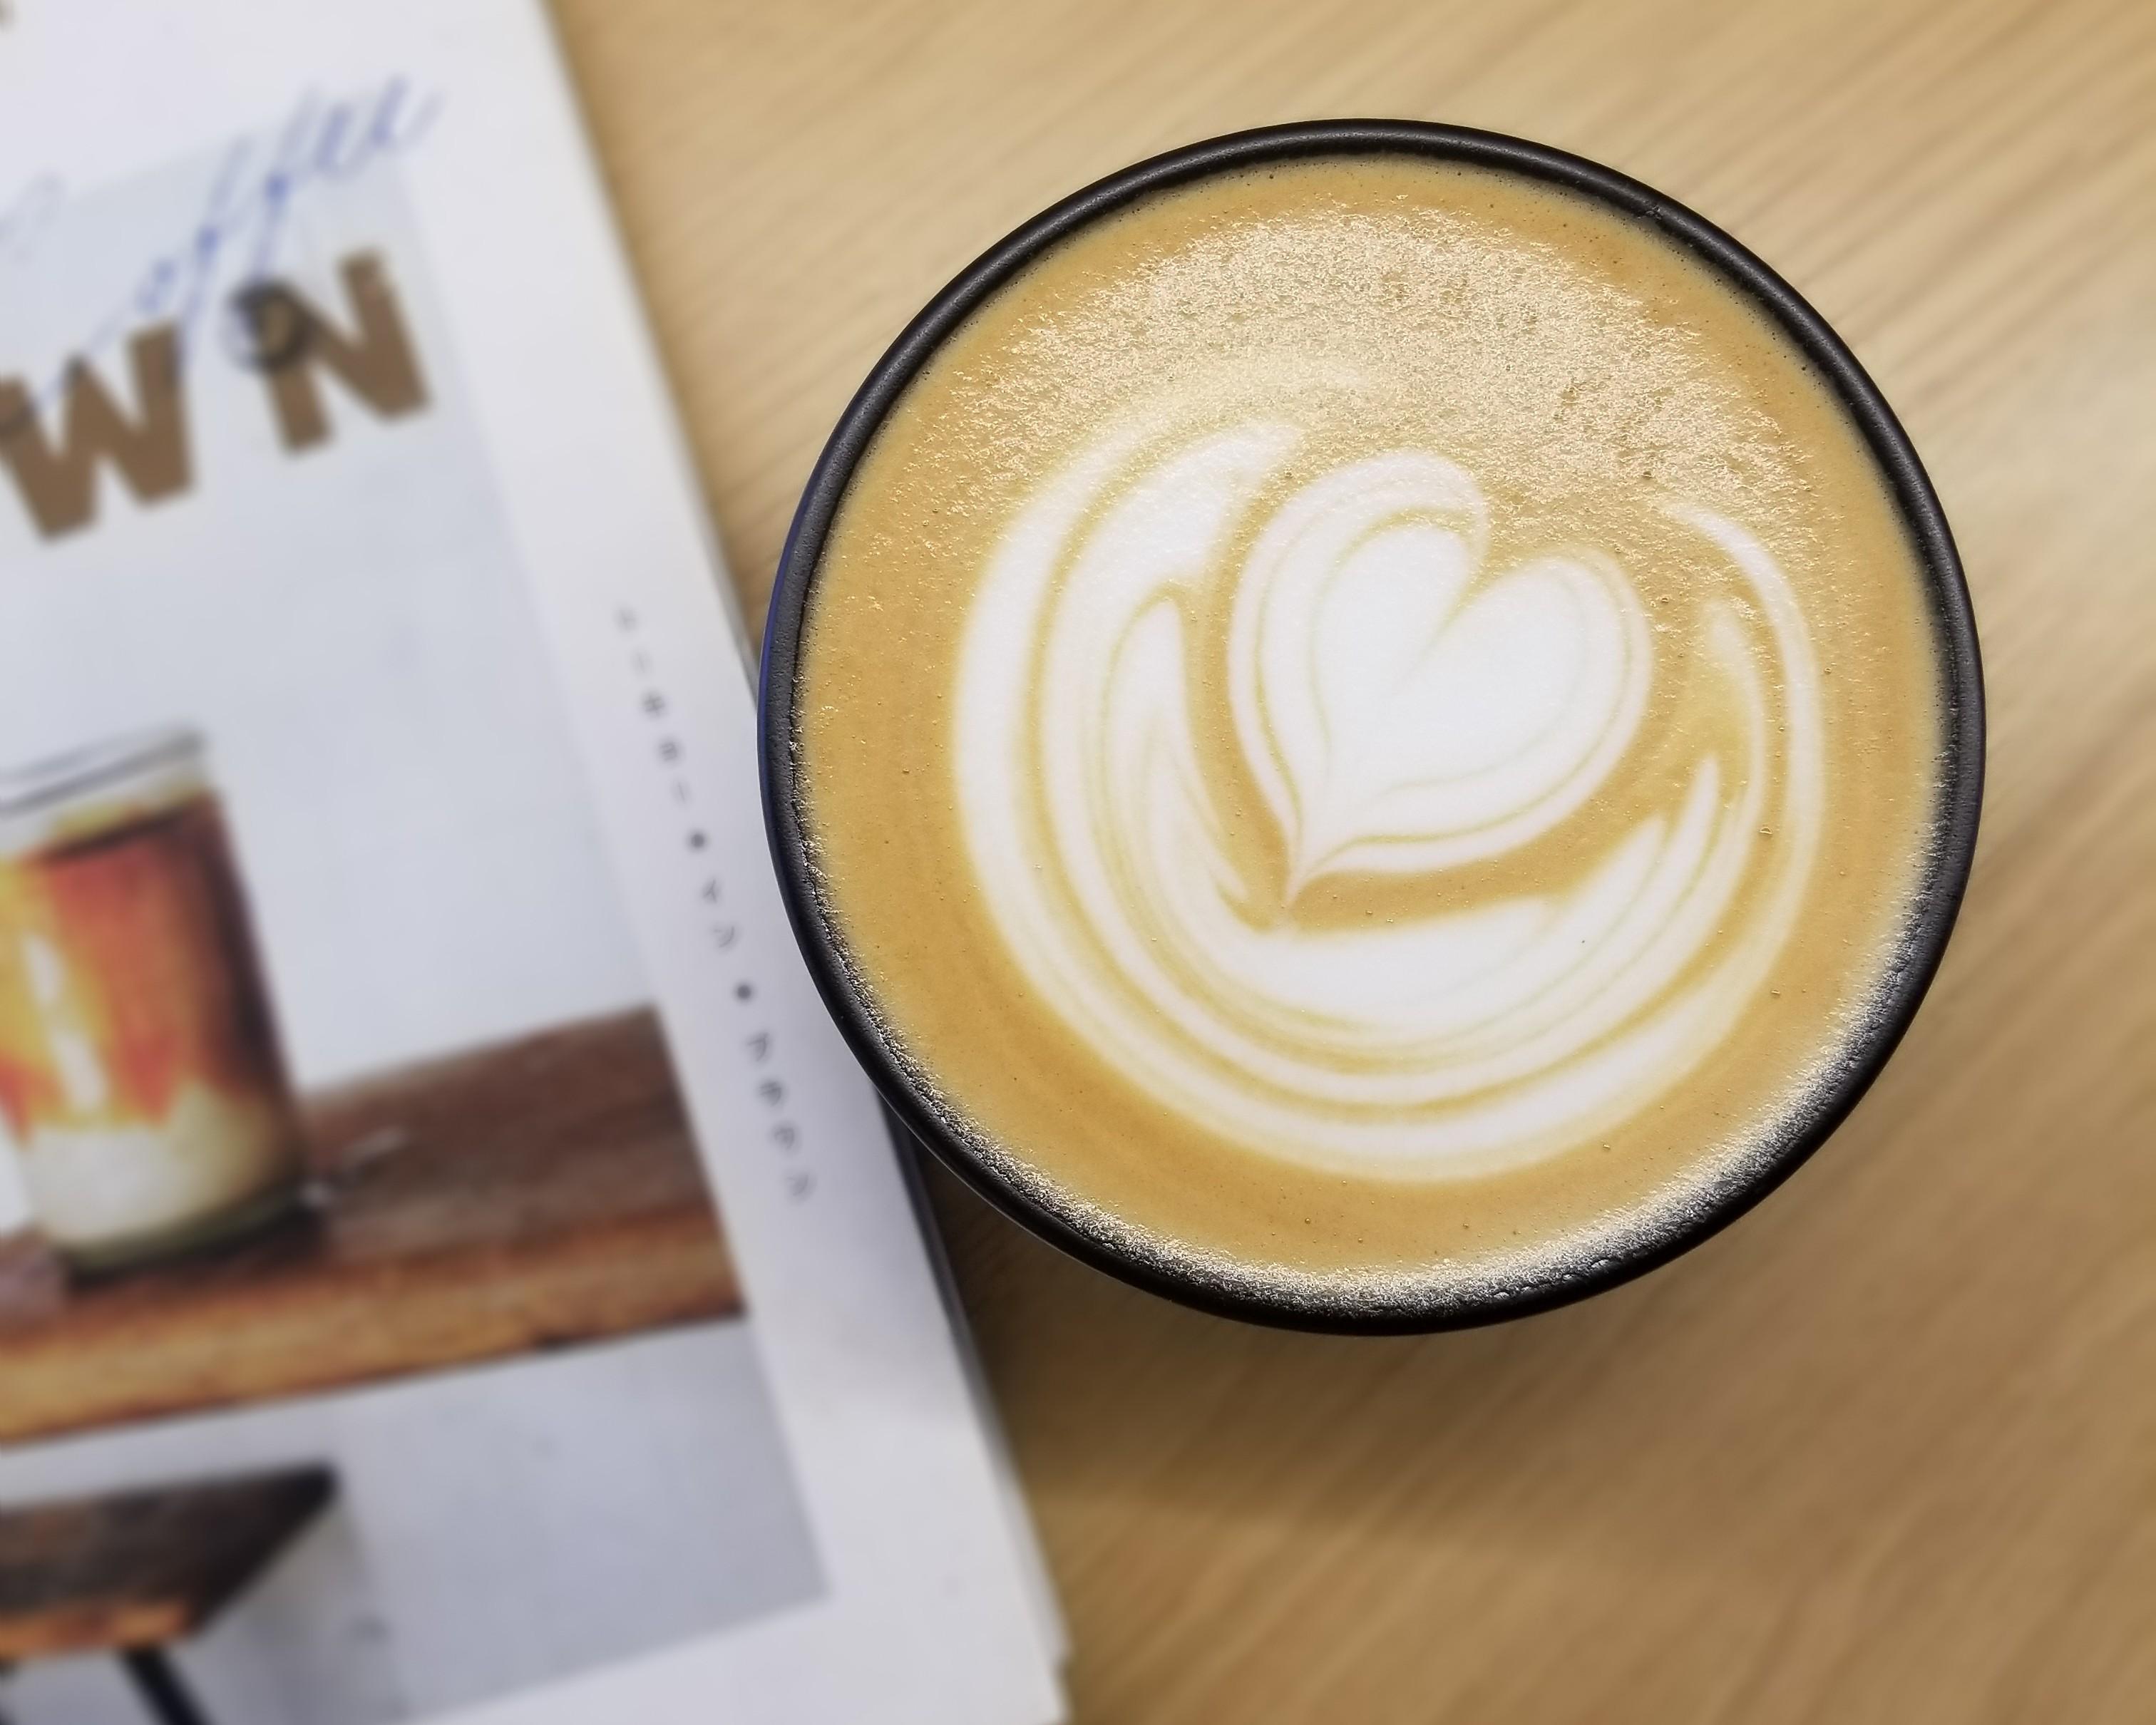 国際センター|浅煎り豆の風味豊かな香りを楽しめる隠れ家コーヒースタンド